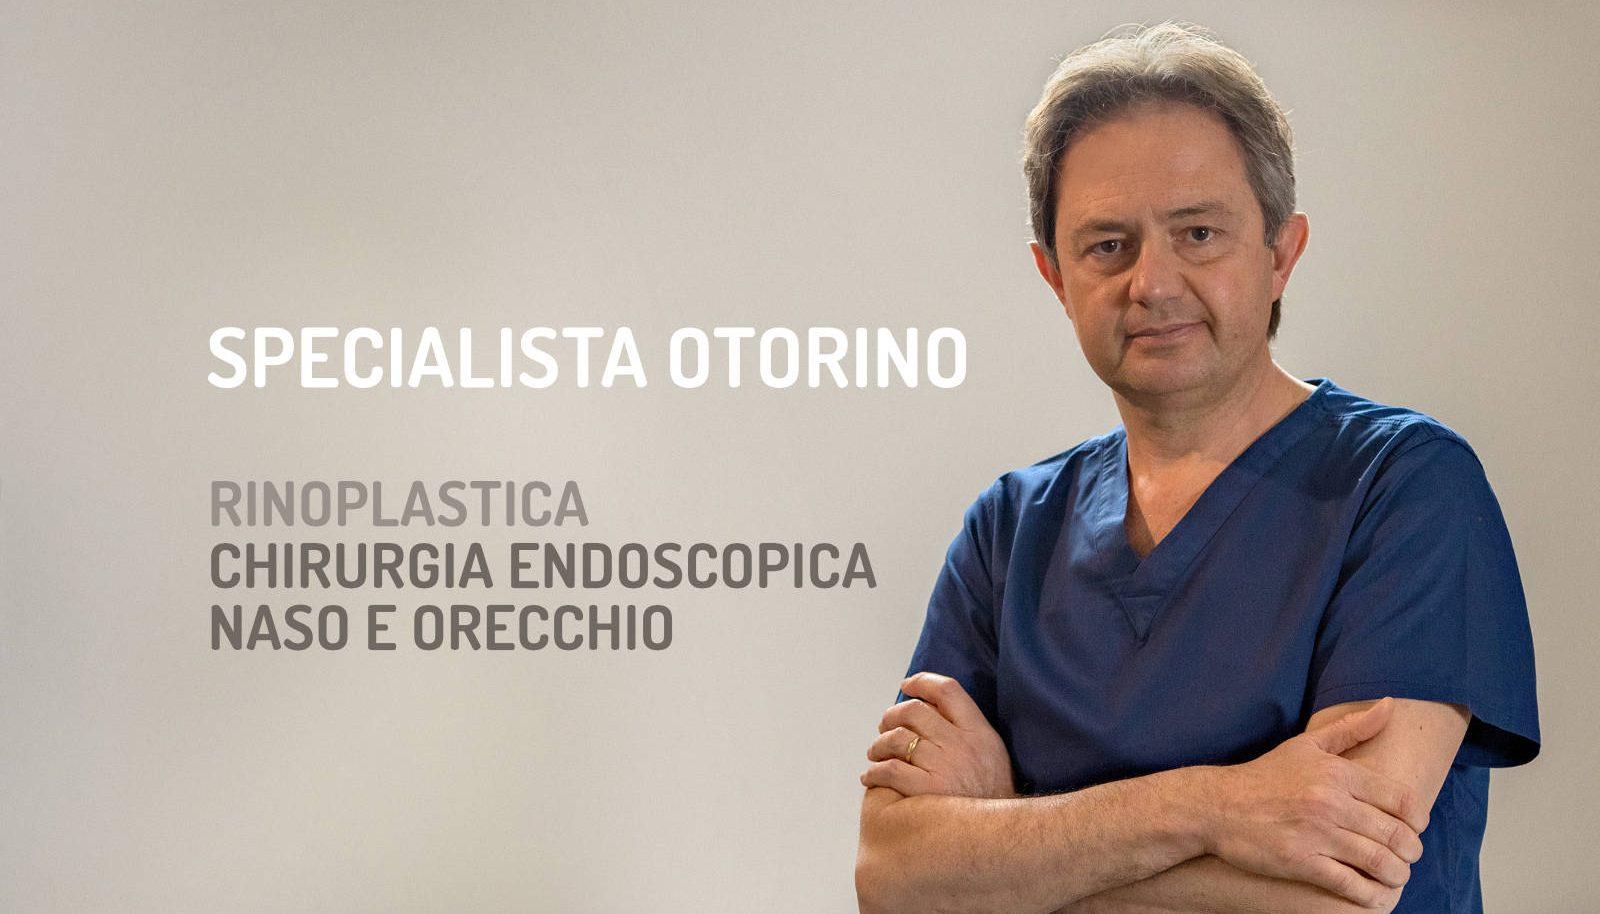 Specialista-Otorino-Dr-Francesco-Paolo-Curatoli